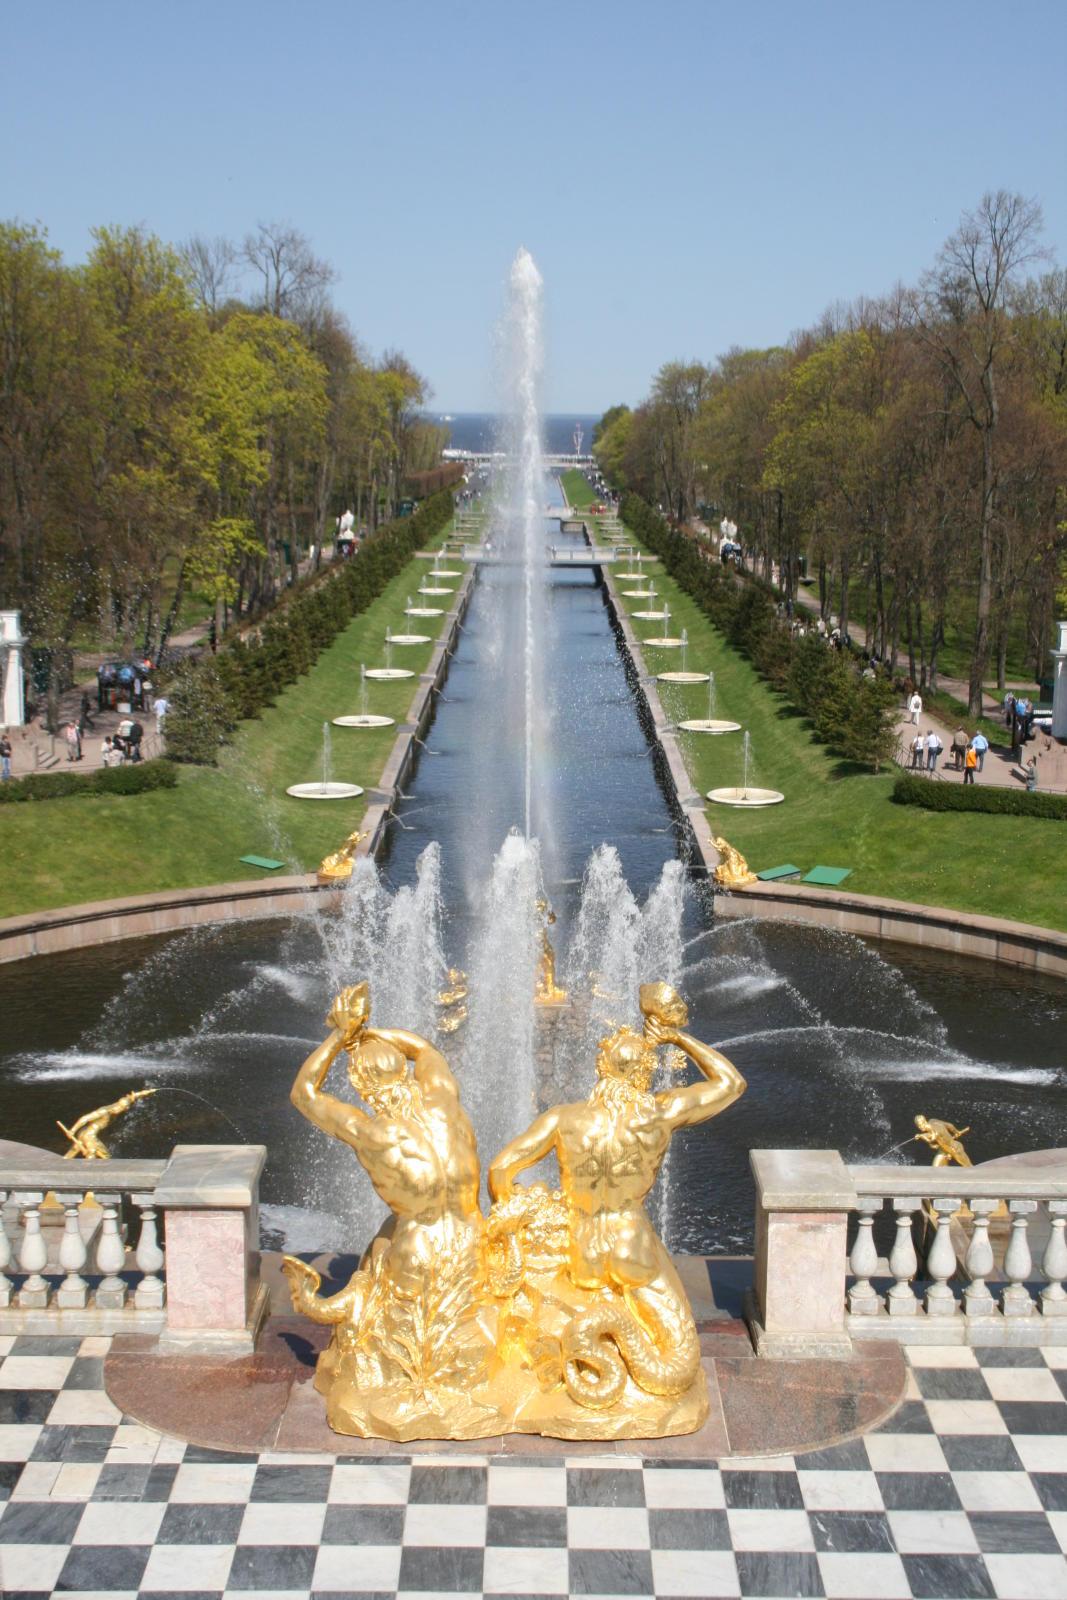 palacegarden.jpeg